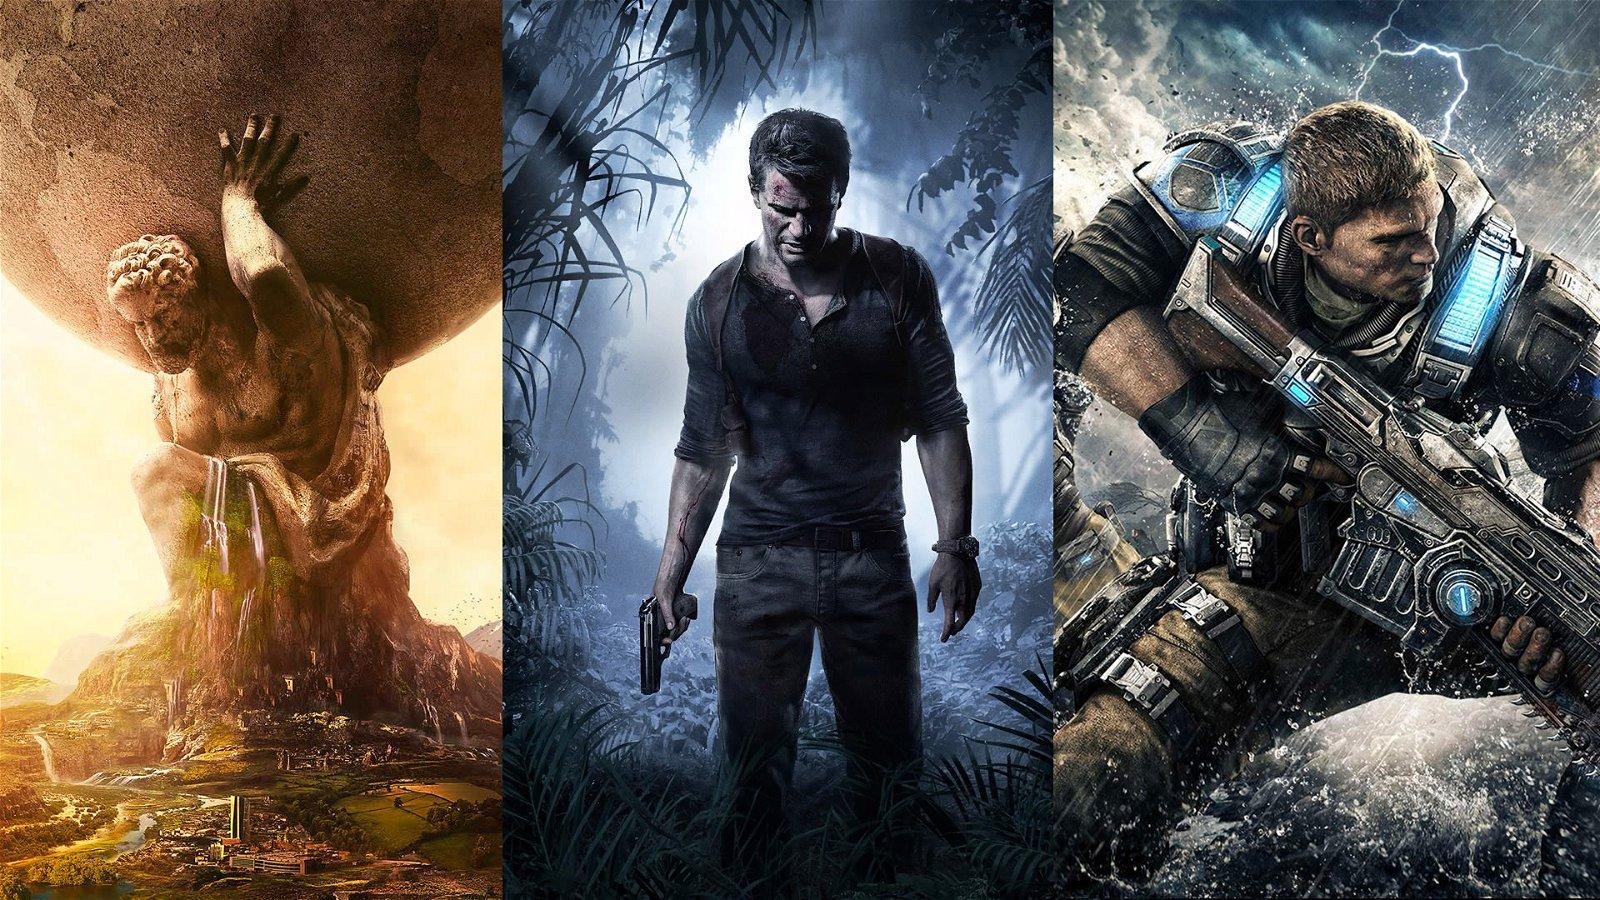 Los mejores videojuegos exclusivos de 2016, mañana en nuestro reportaje